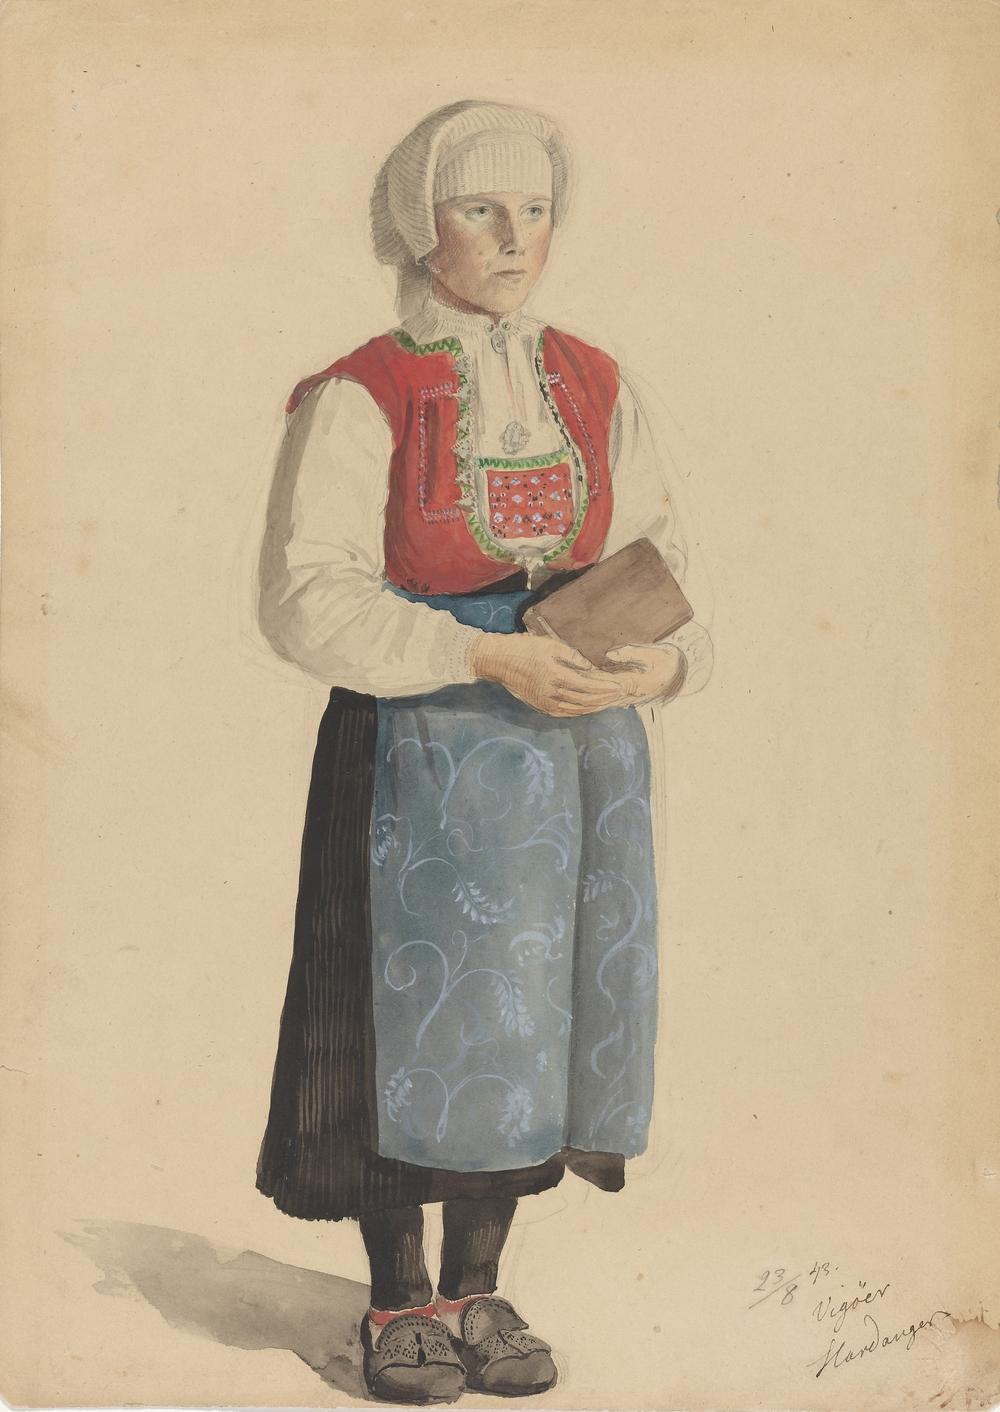 Kyrkekledd kone med kvammaskaut, datert 23. august 1843 fra Vigöer (Vikøy) i Hardanger. Foto: Nasjonalmuseet / Anne Jarre. CC-BY-NC